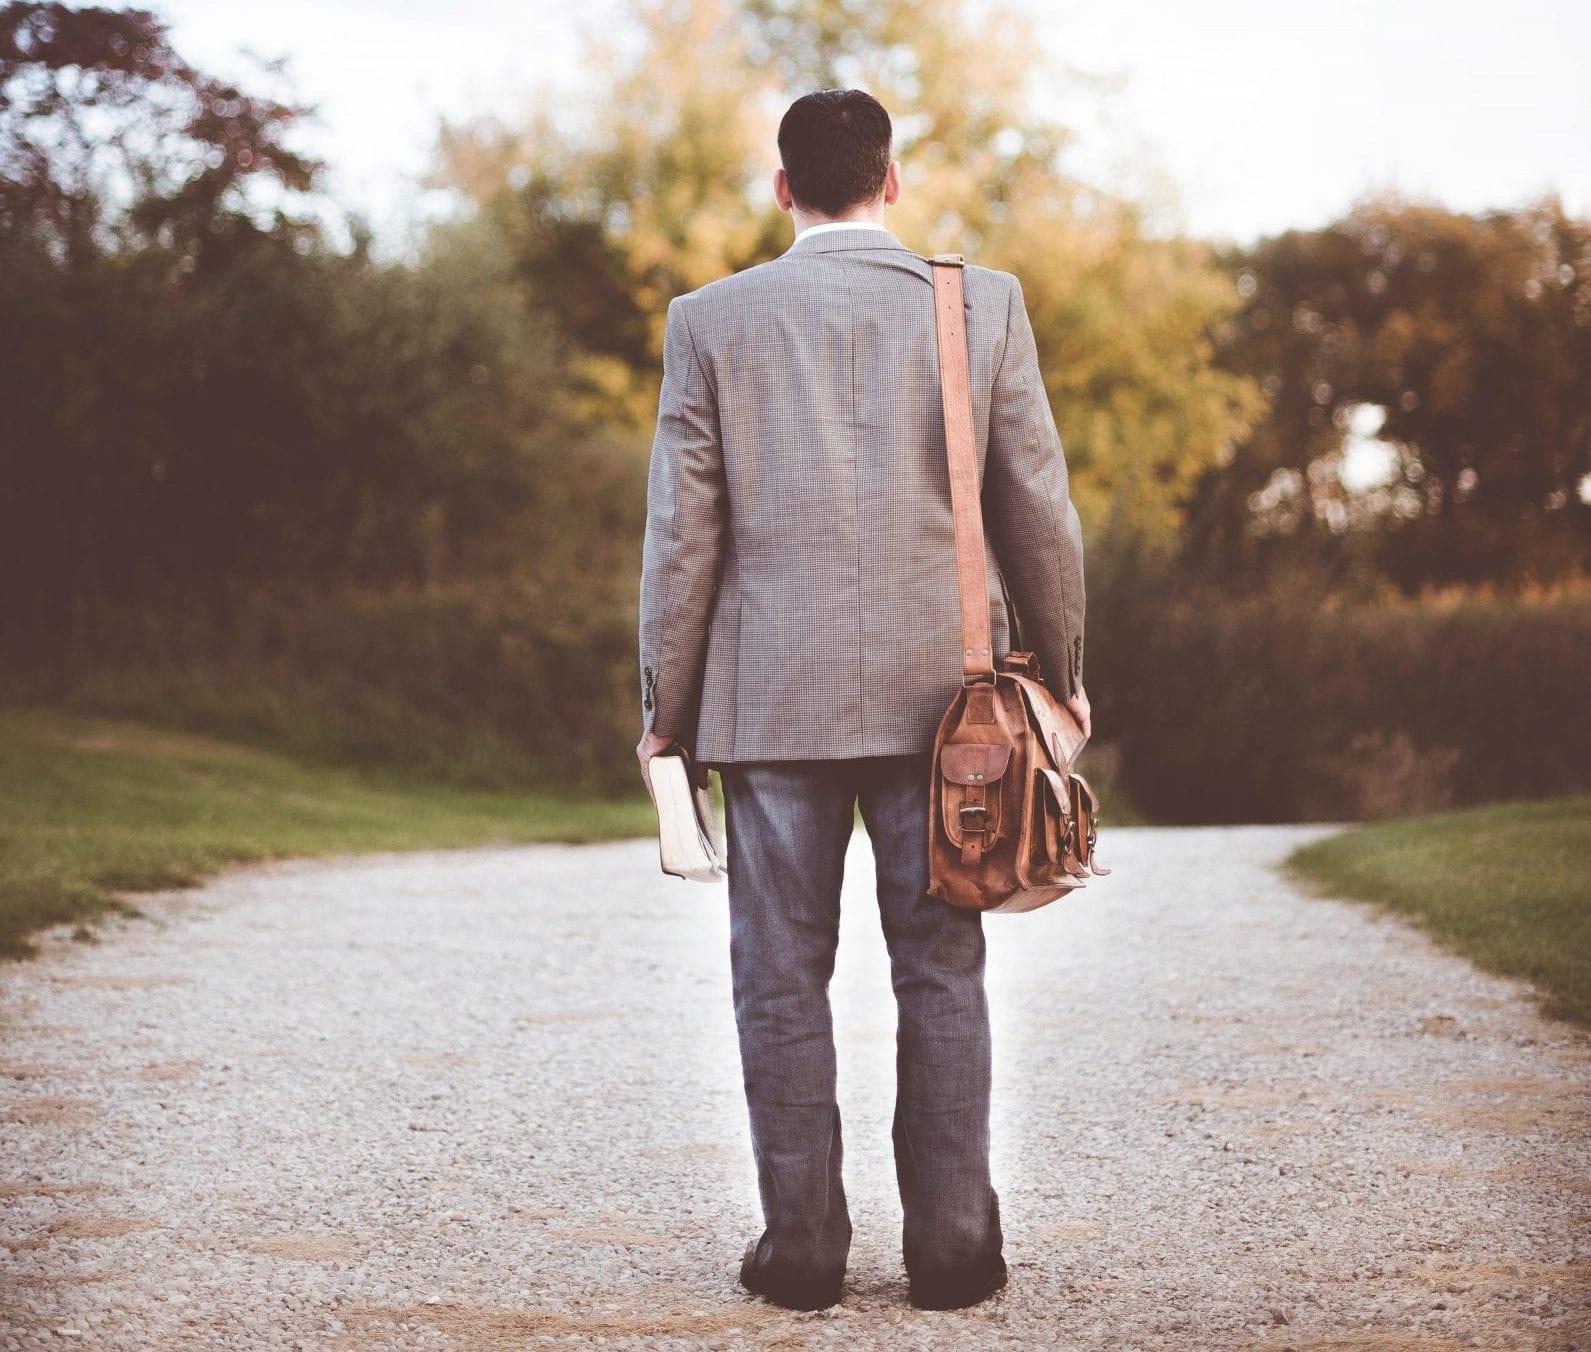 Seven Ways Jesus' Values Create Sustainable and Faithful Success